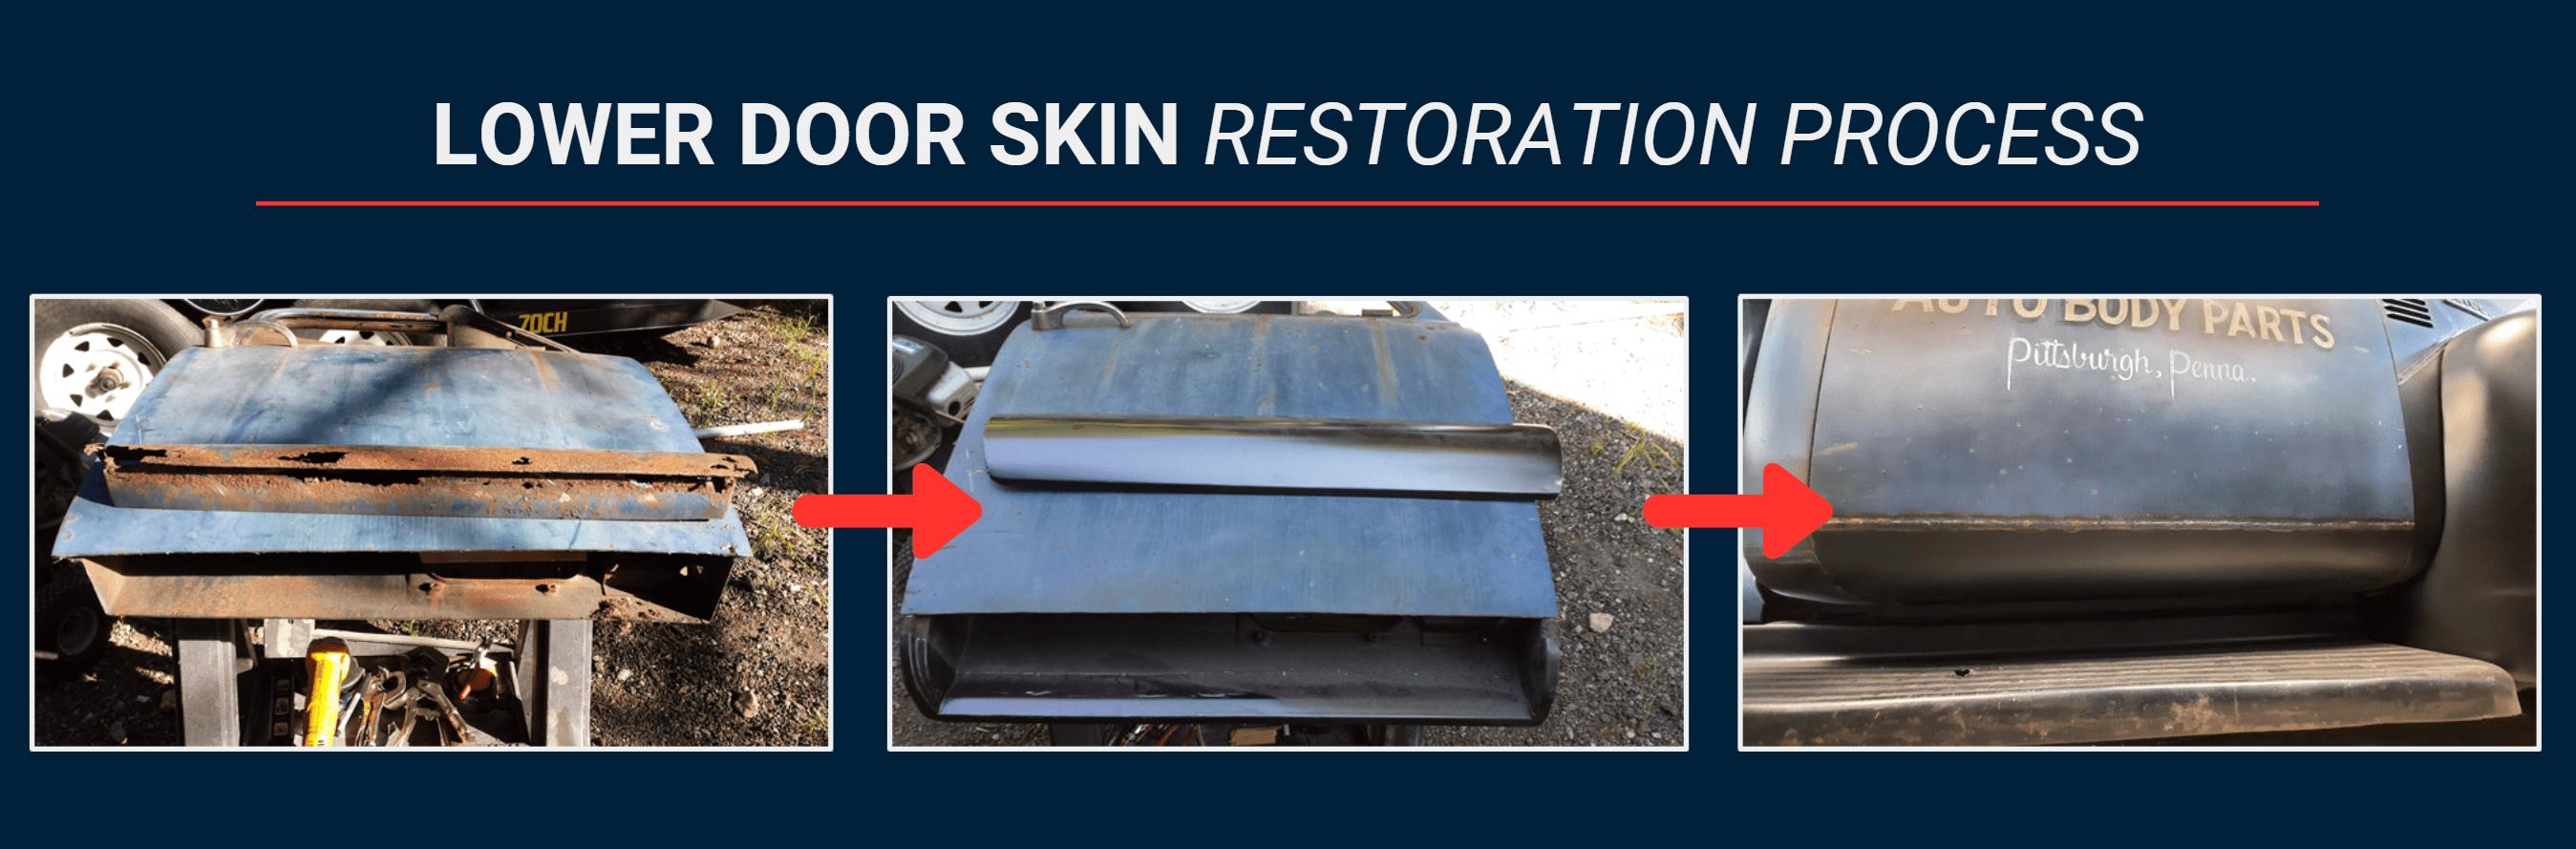 Lower Door Skin Restoration Process